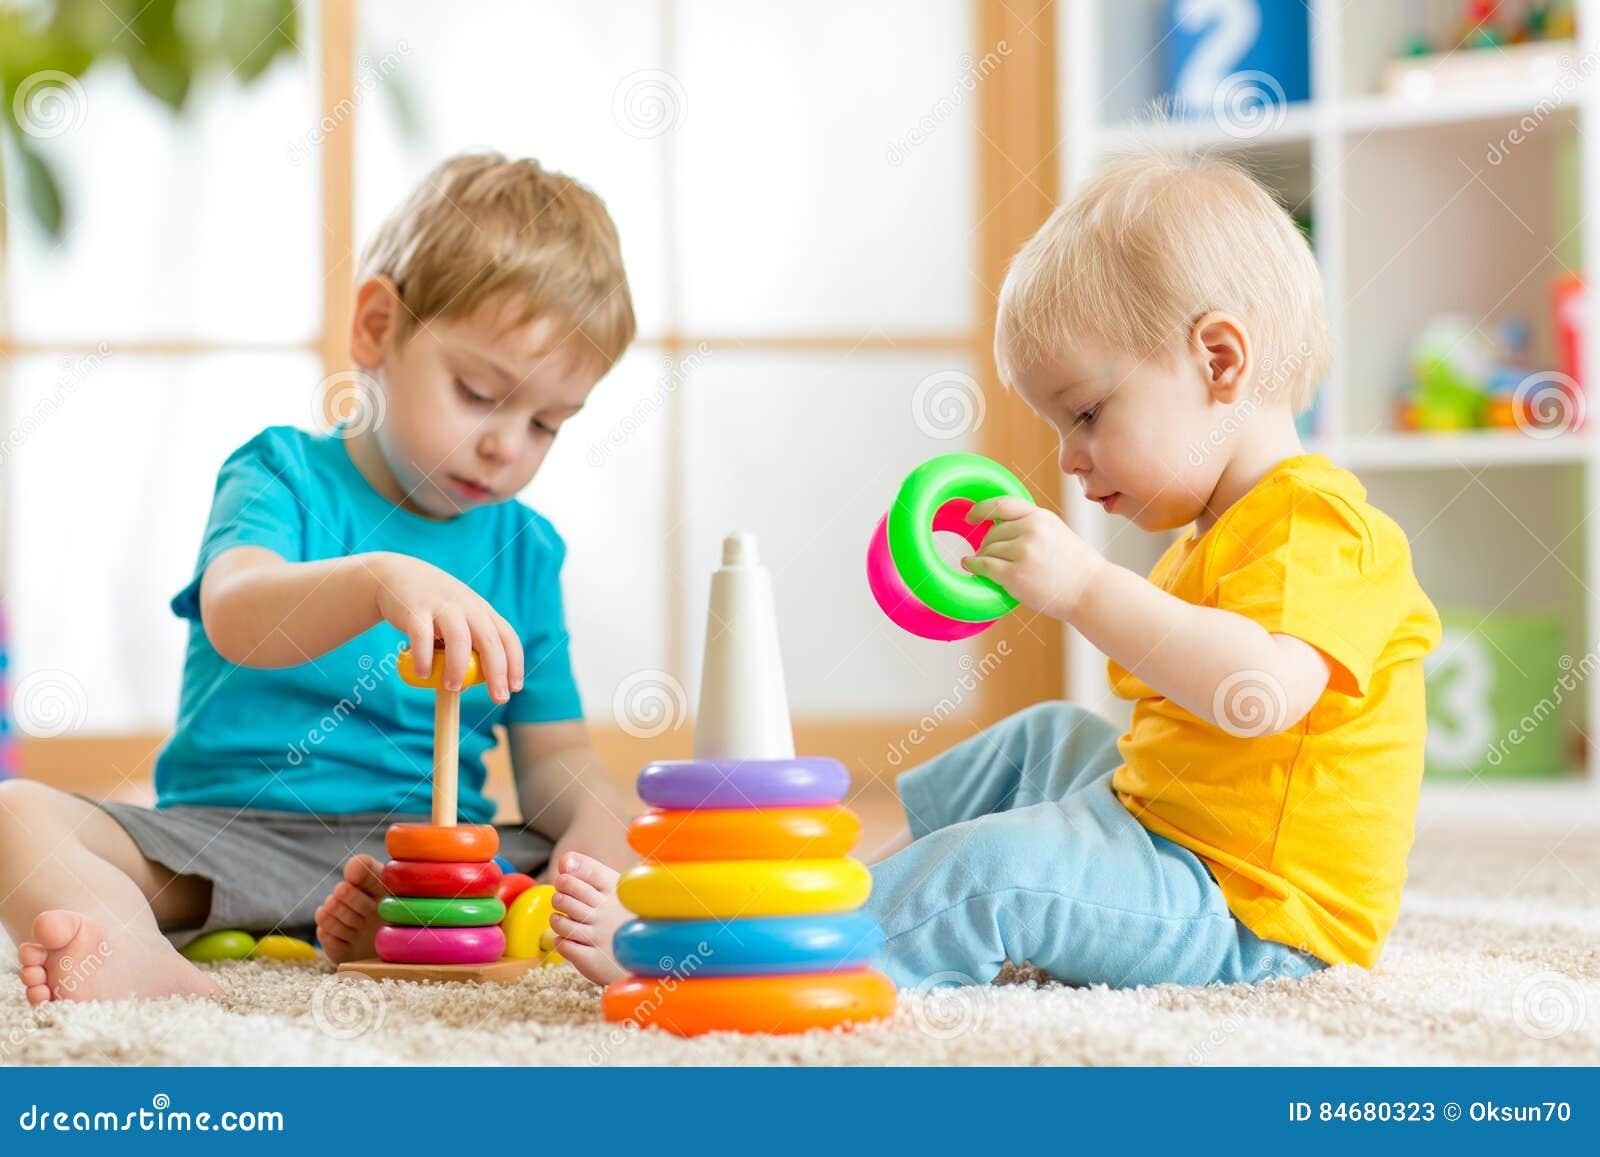 дети играя совместно Ребенк малыша и игра младенца с блоками Воспитательные игрушки для ребенка детского сада preschool